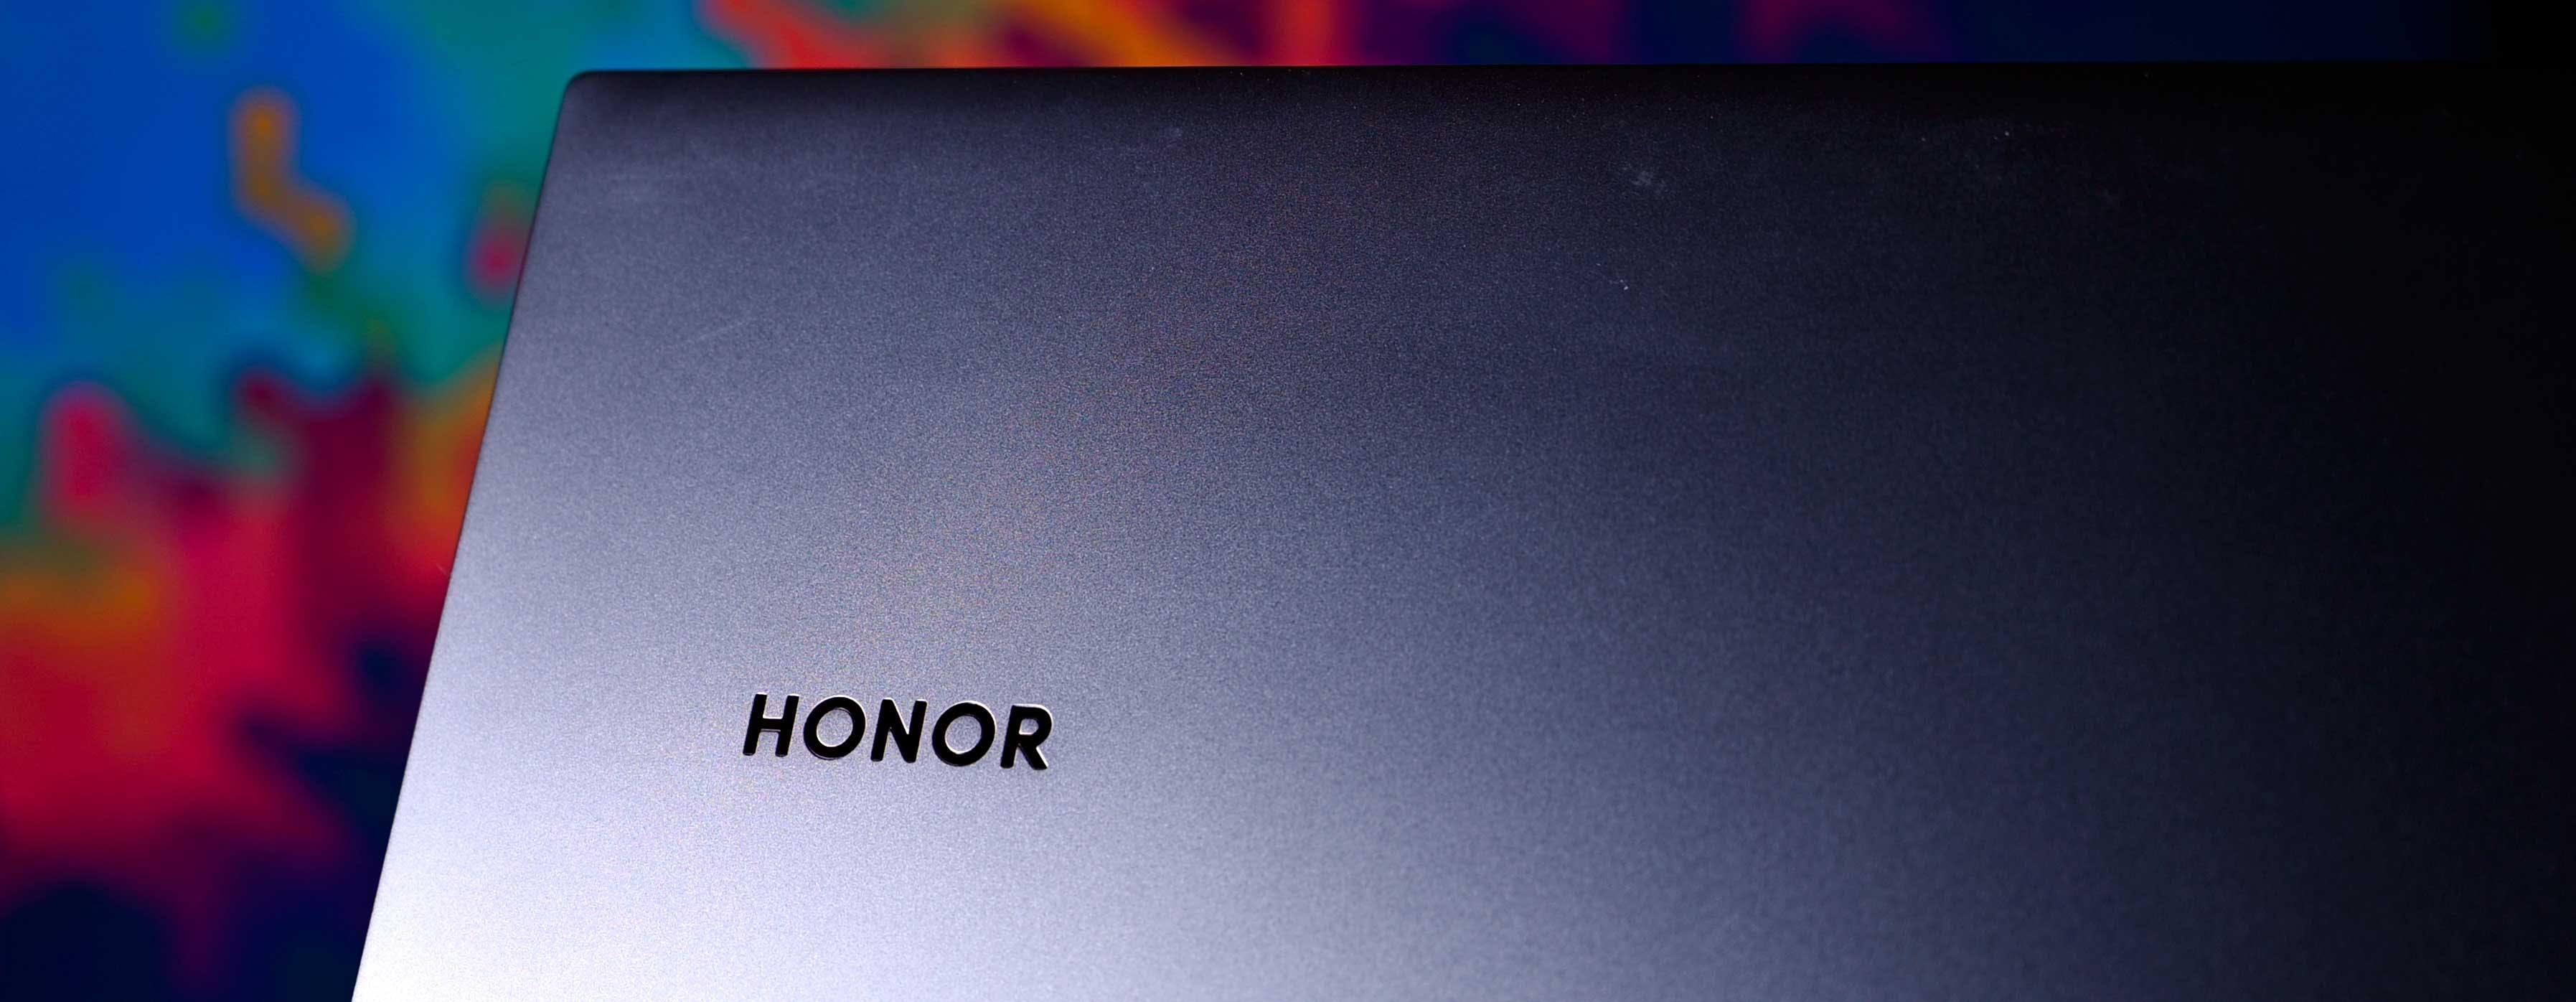 Recensione Honor MagicBook Pro. A 699 euro impossibile chiedere di più